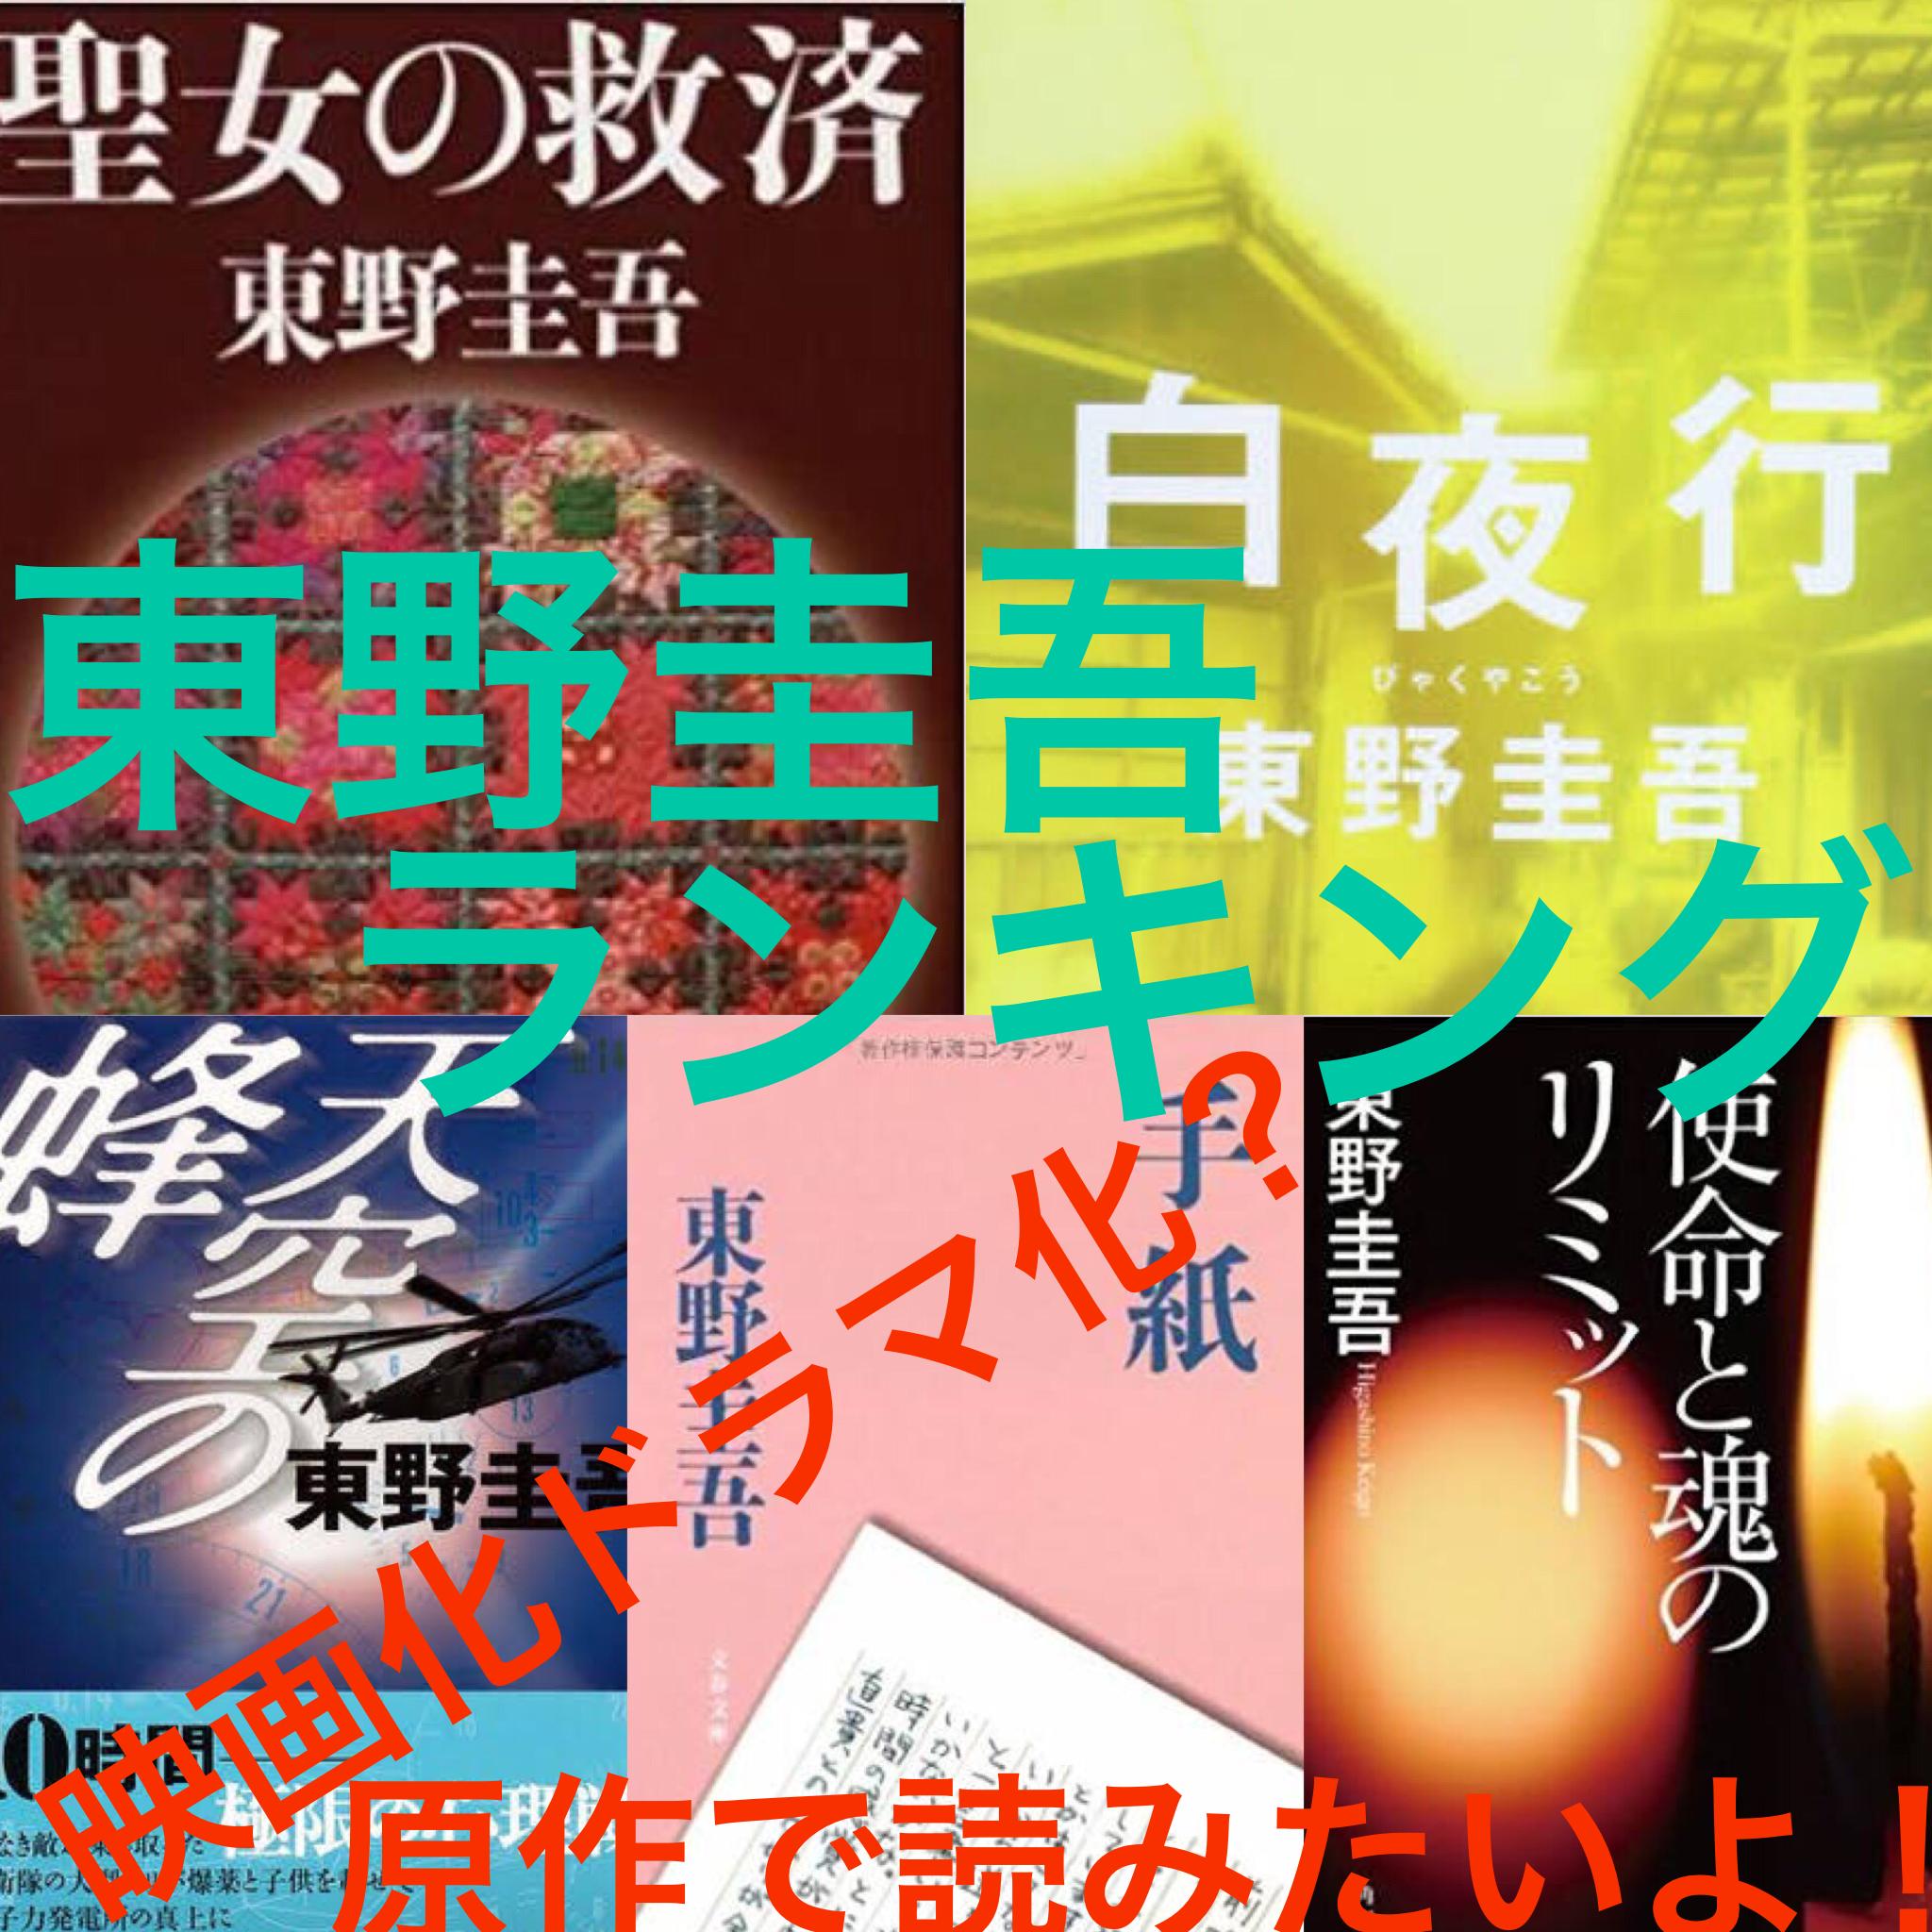 東野圭吾 映画化 ランキング